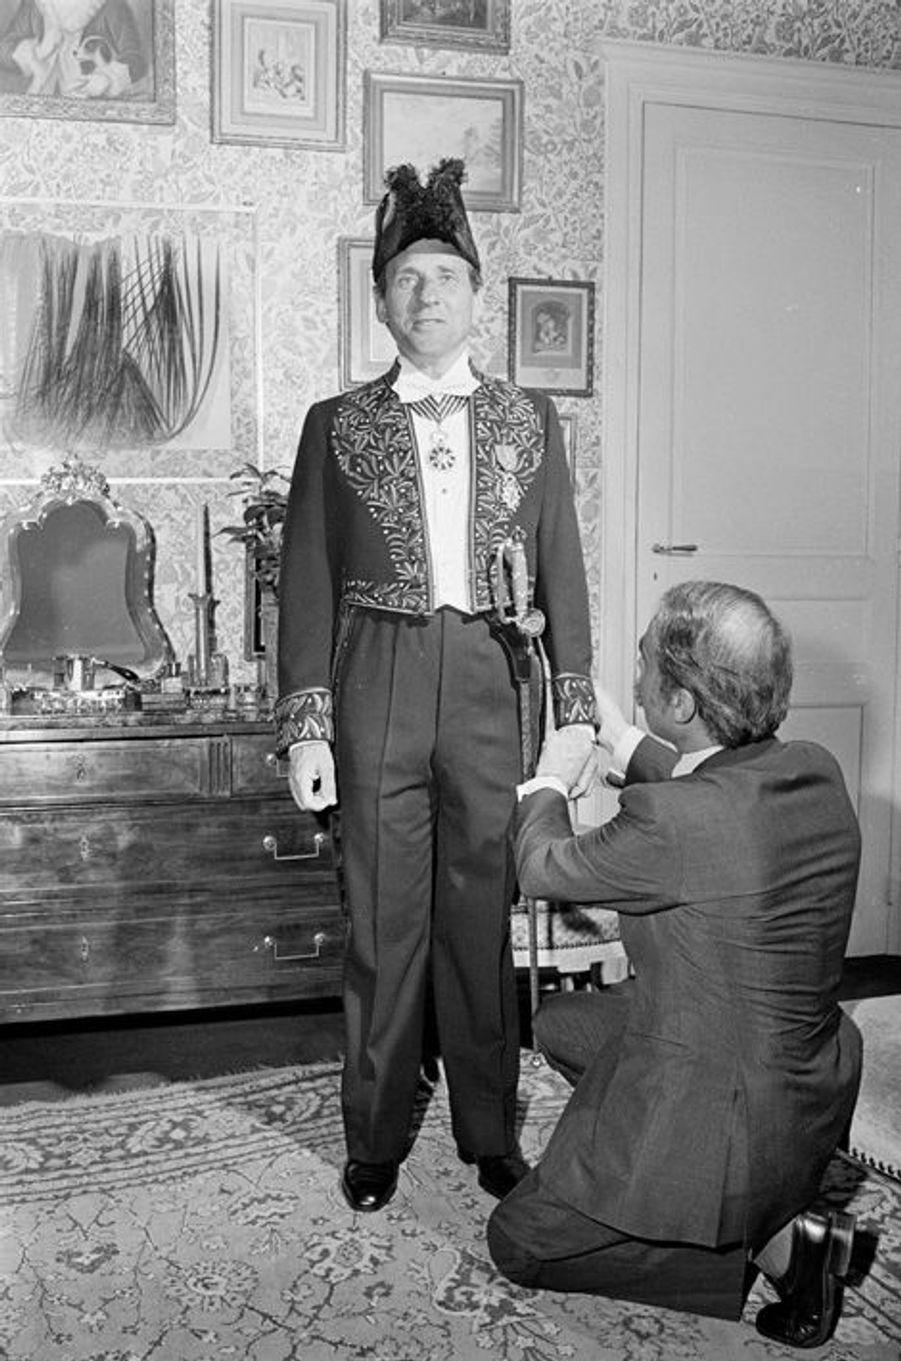 En France, à Paris, le 6 juin 1974, à l'occasion de son entrée à l'Académie Française.